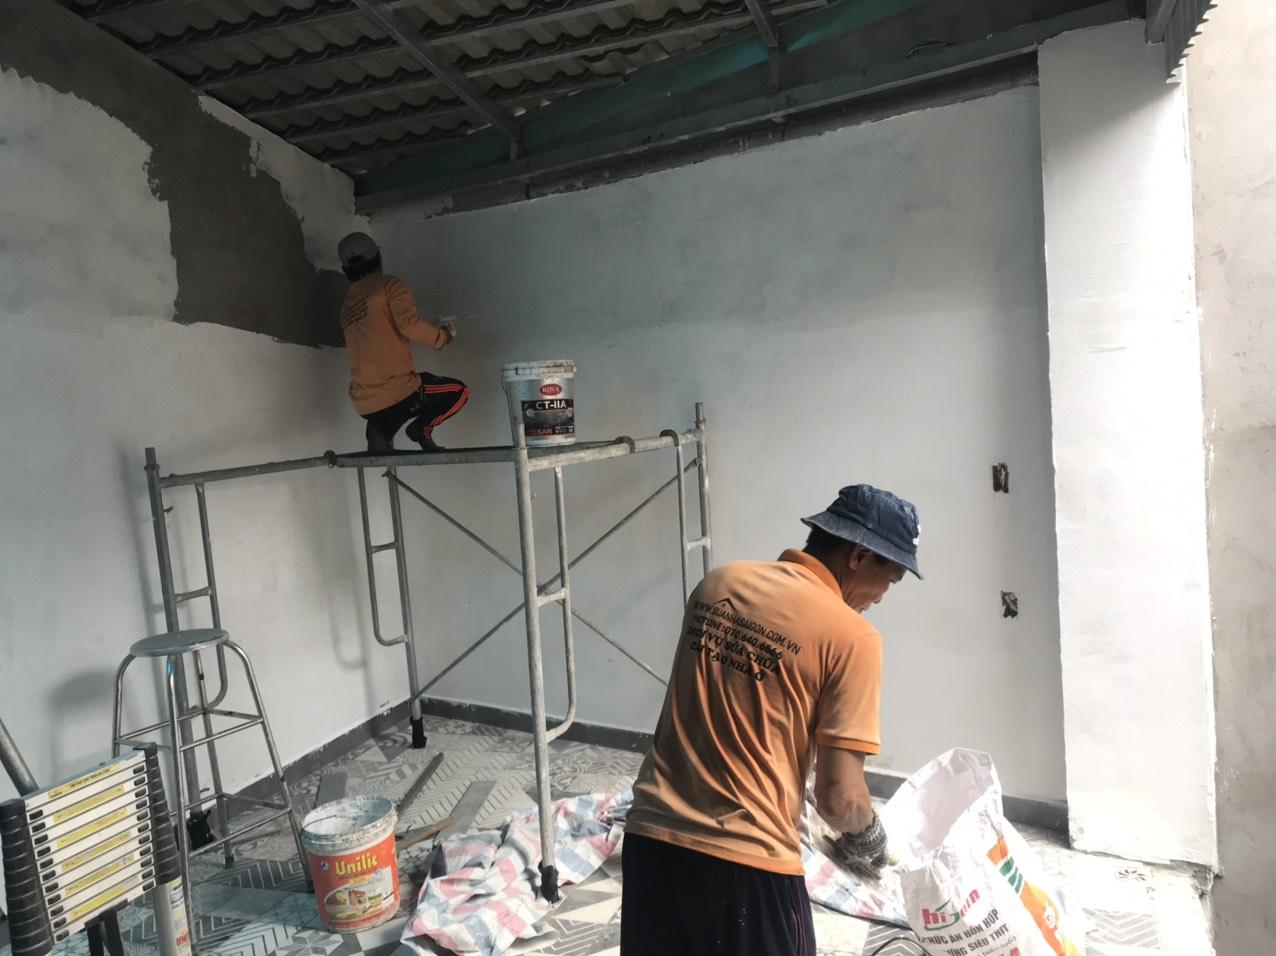 Công ty sửa nhà tại Long An - Chúng tôi chuyên nhận chống dột, chống nứt công trình, chống thấm hiệu quả